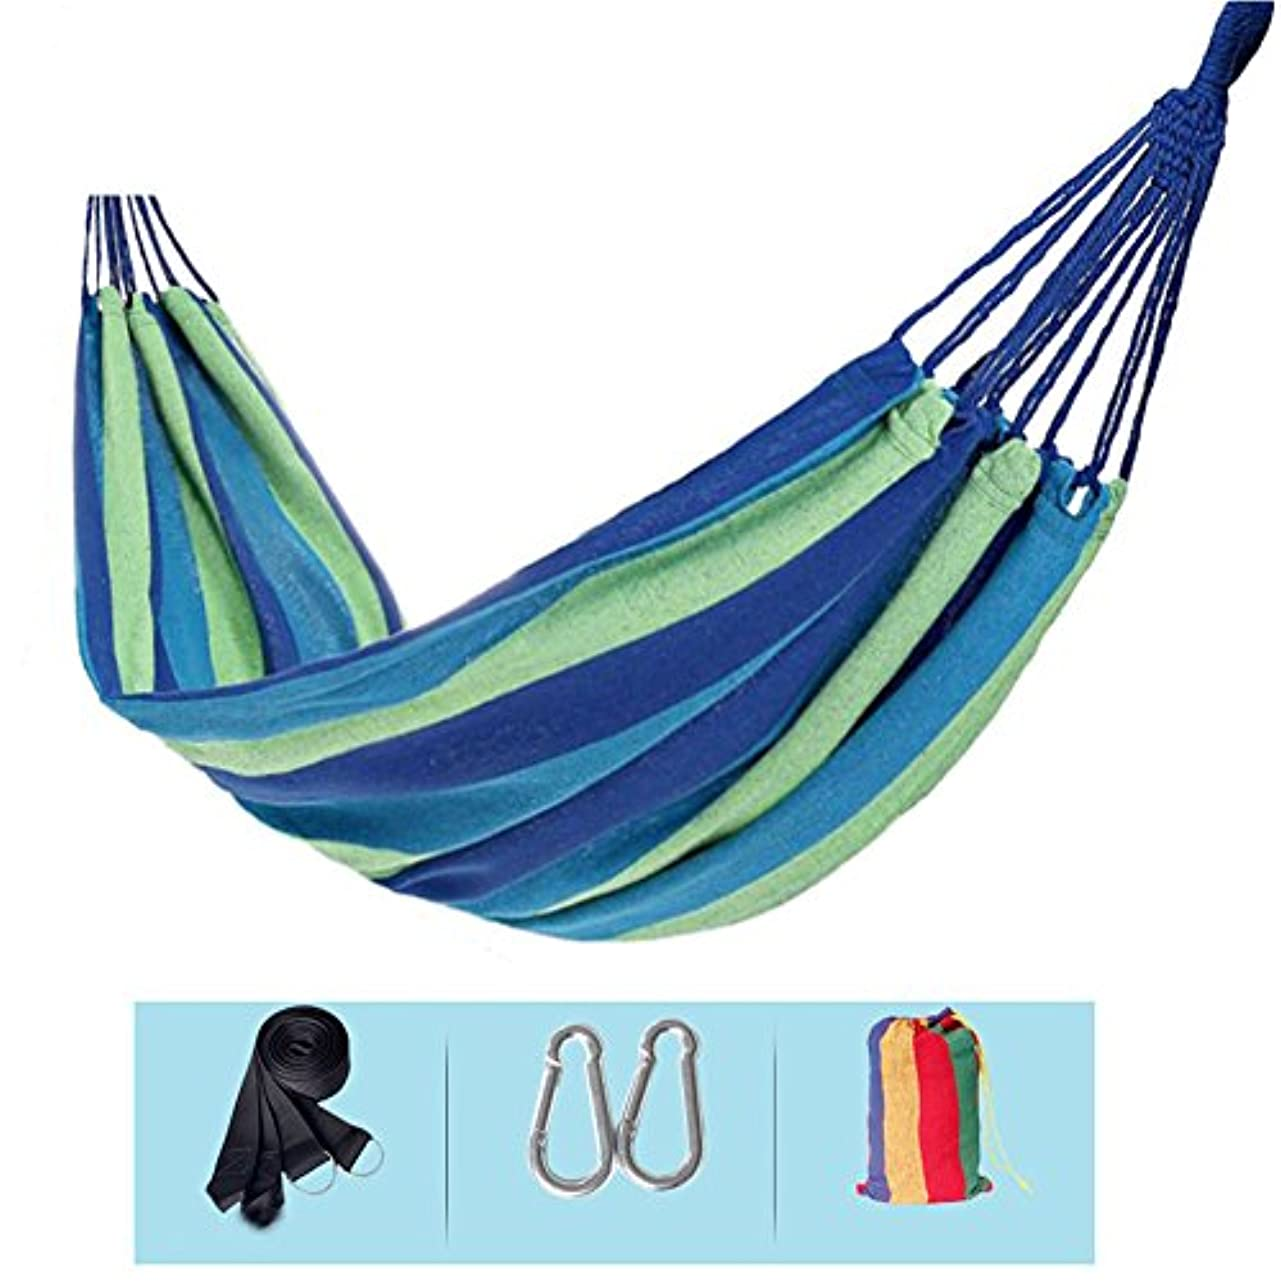 シエスタ反動普遍的な屋外か屋内旅行のためのパッドを入れられた単一のキャンバスの屋内大人学生のハンモック (色 : 青)